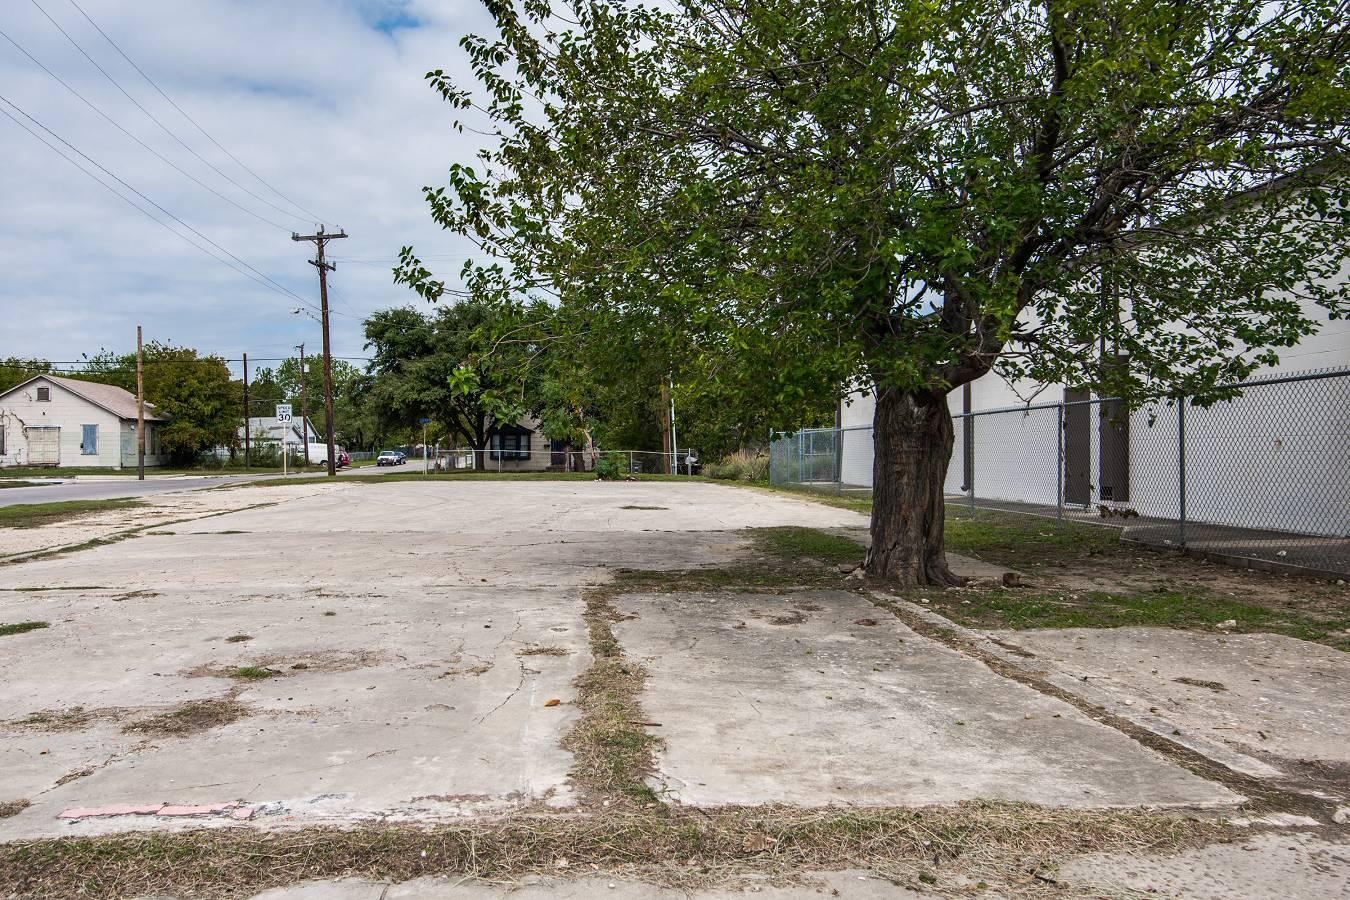 1343 W. Hildebrand , San Antonio, TX - USA (photo 2)